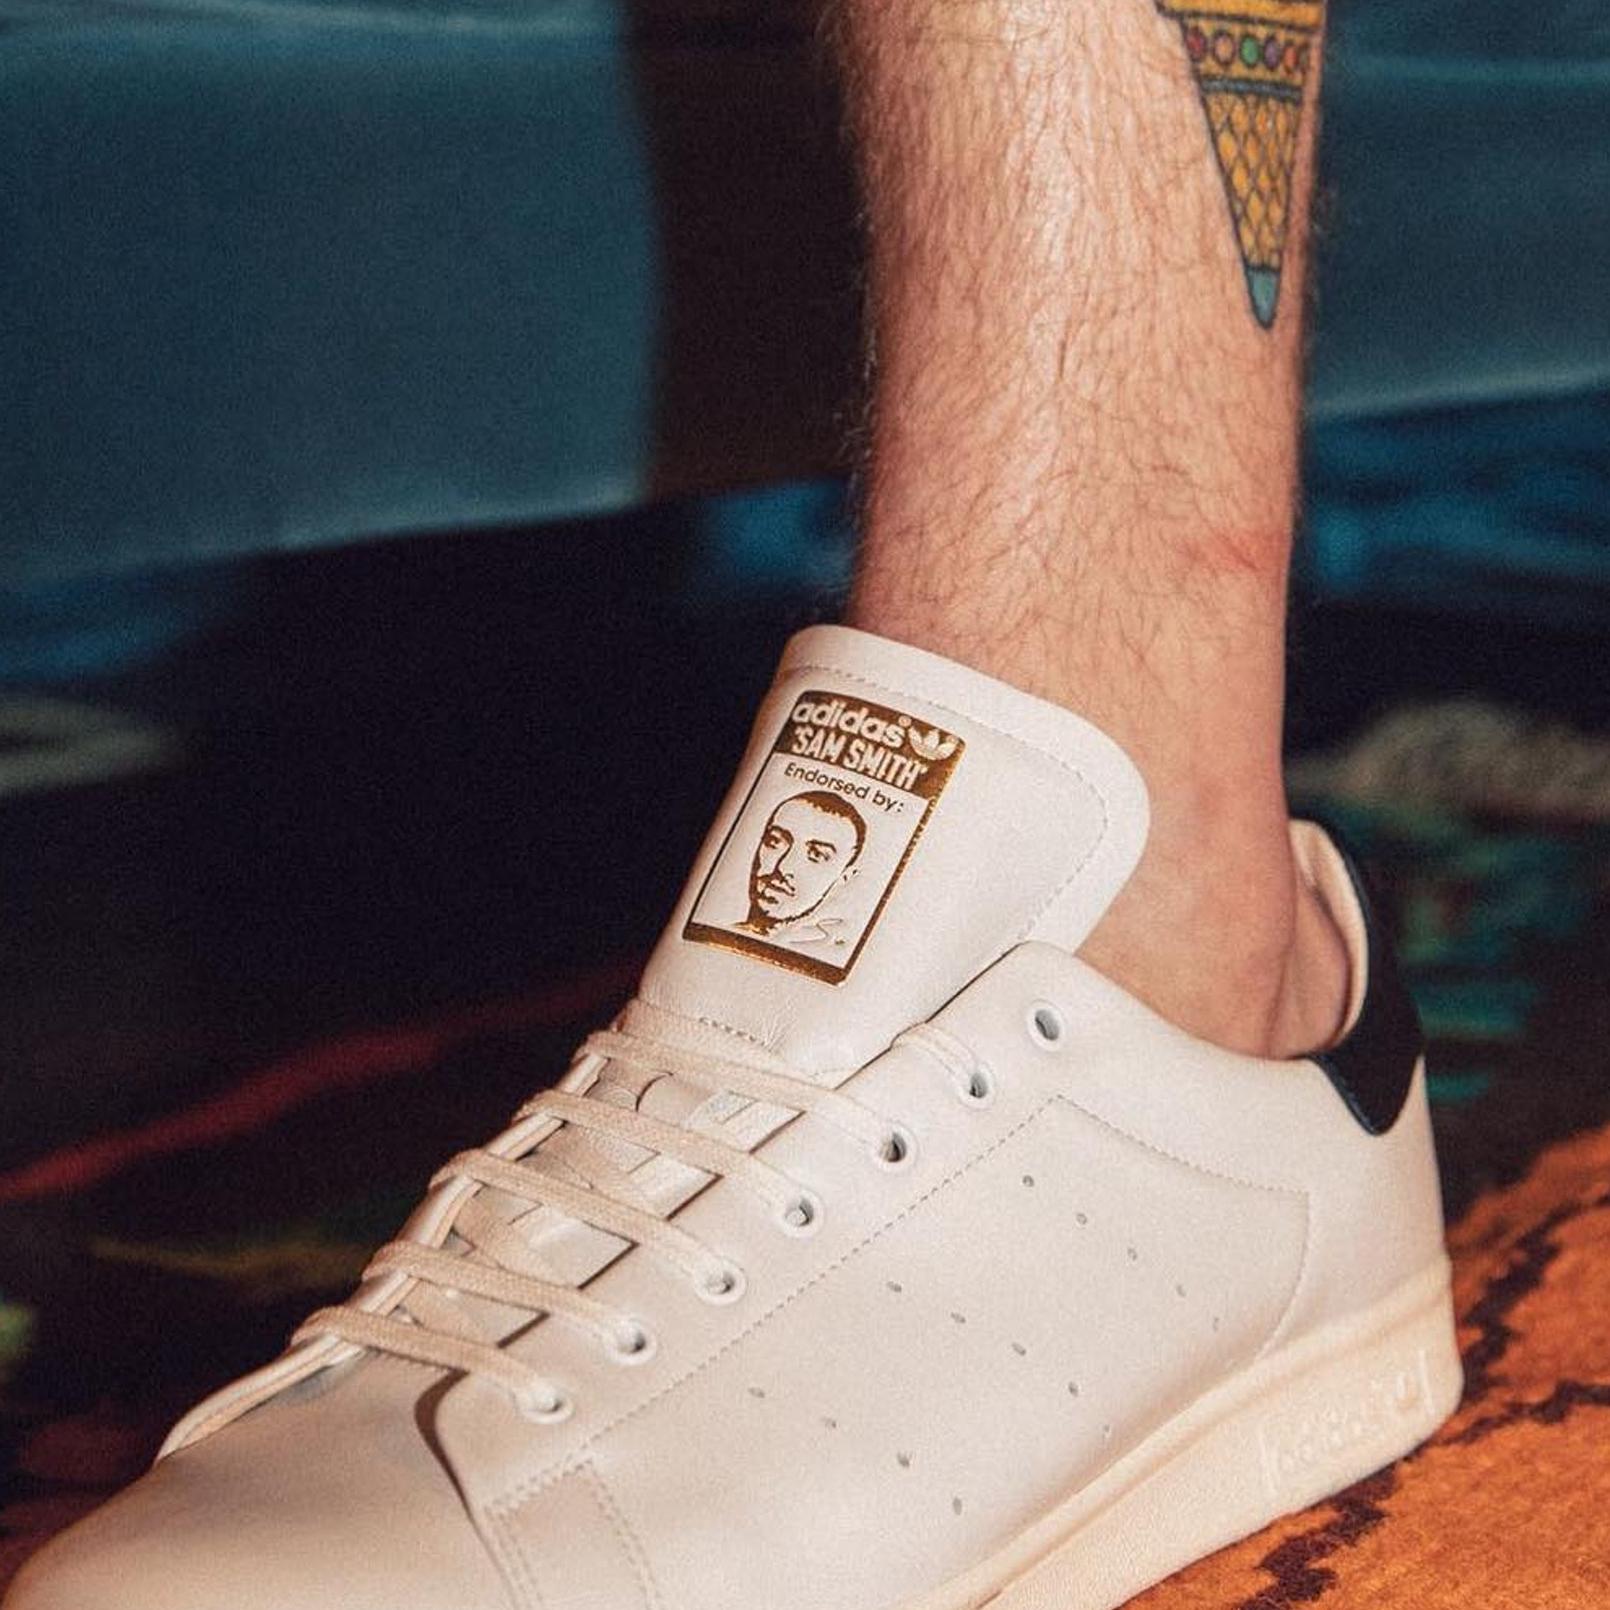 「Stan Smith」還是「Sam Smith」?adidas Originals 打造 Sam Smith 專屬 Stan Smith 鞋款!